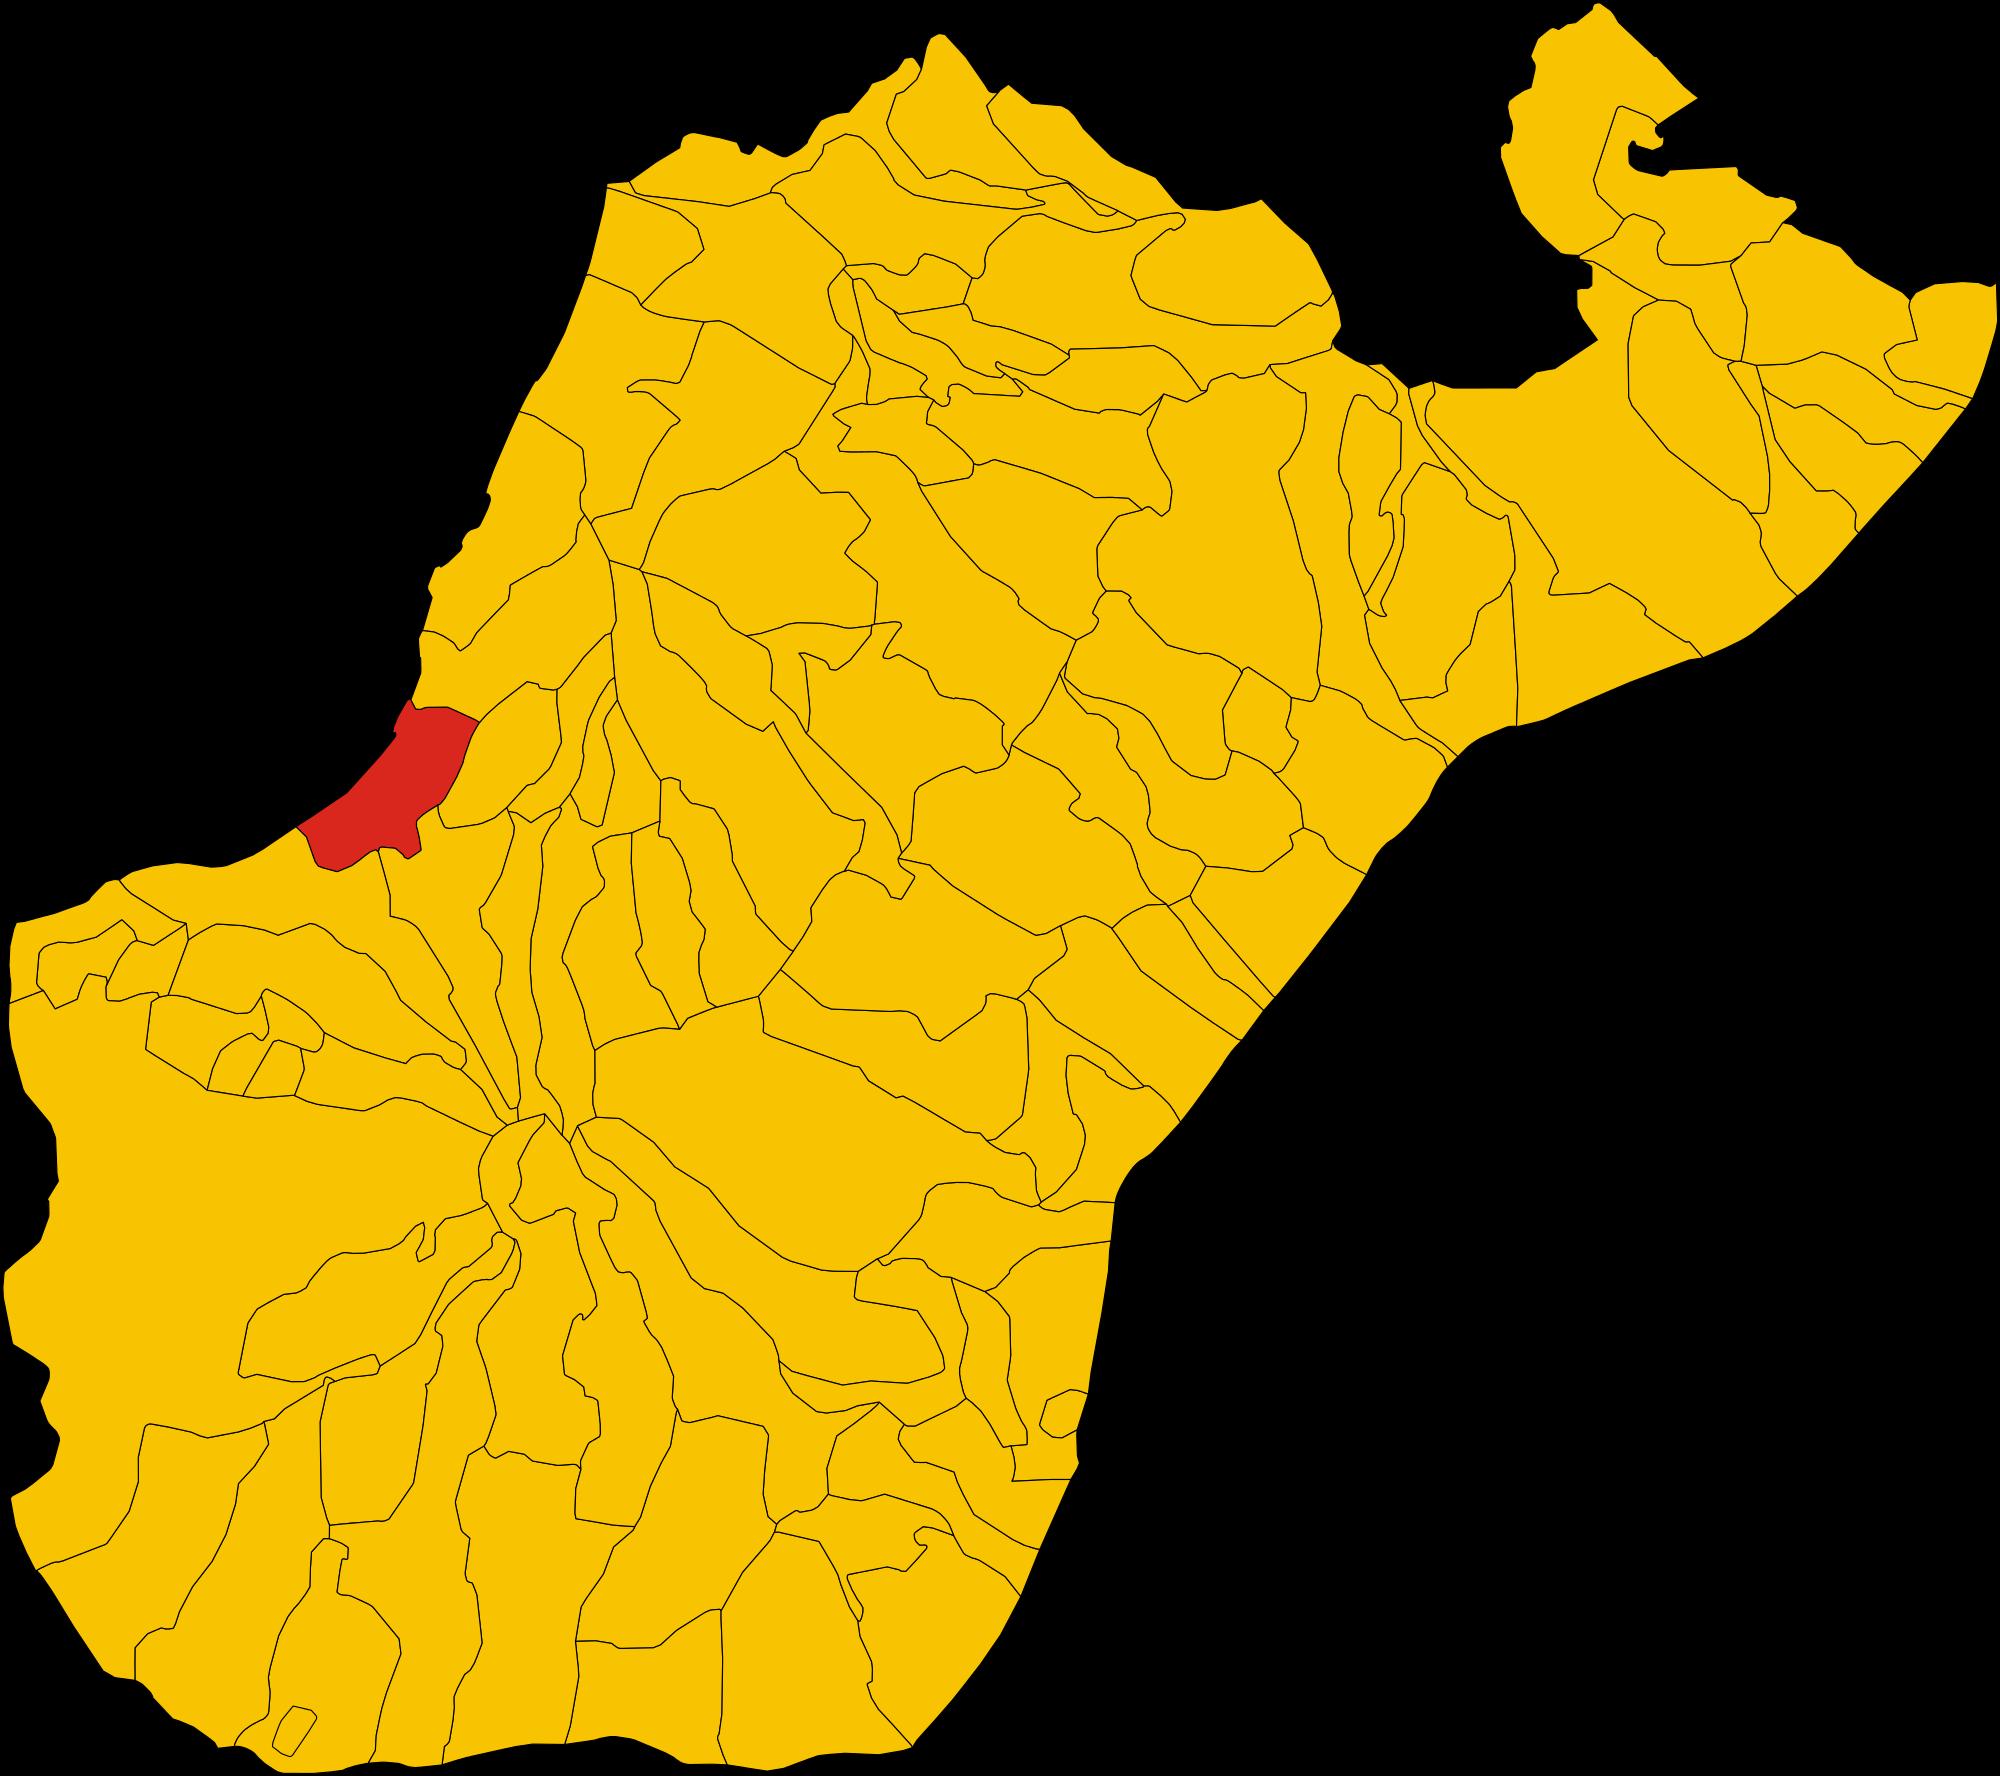 File:Map of comune of Bagnara Calabra (province of Reggio Calabria.